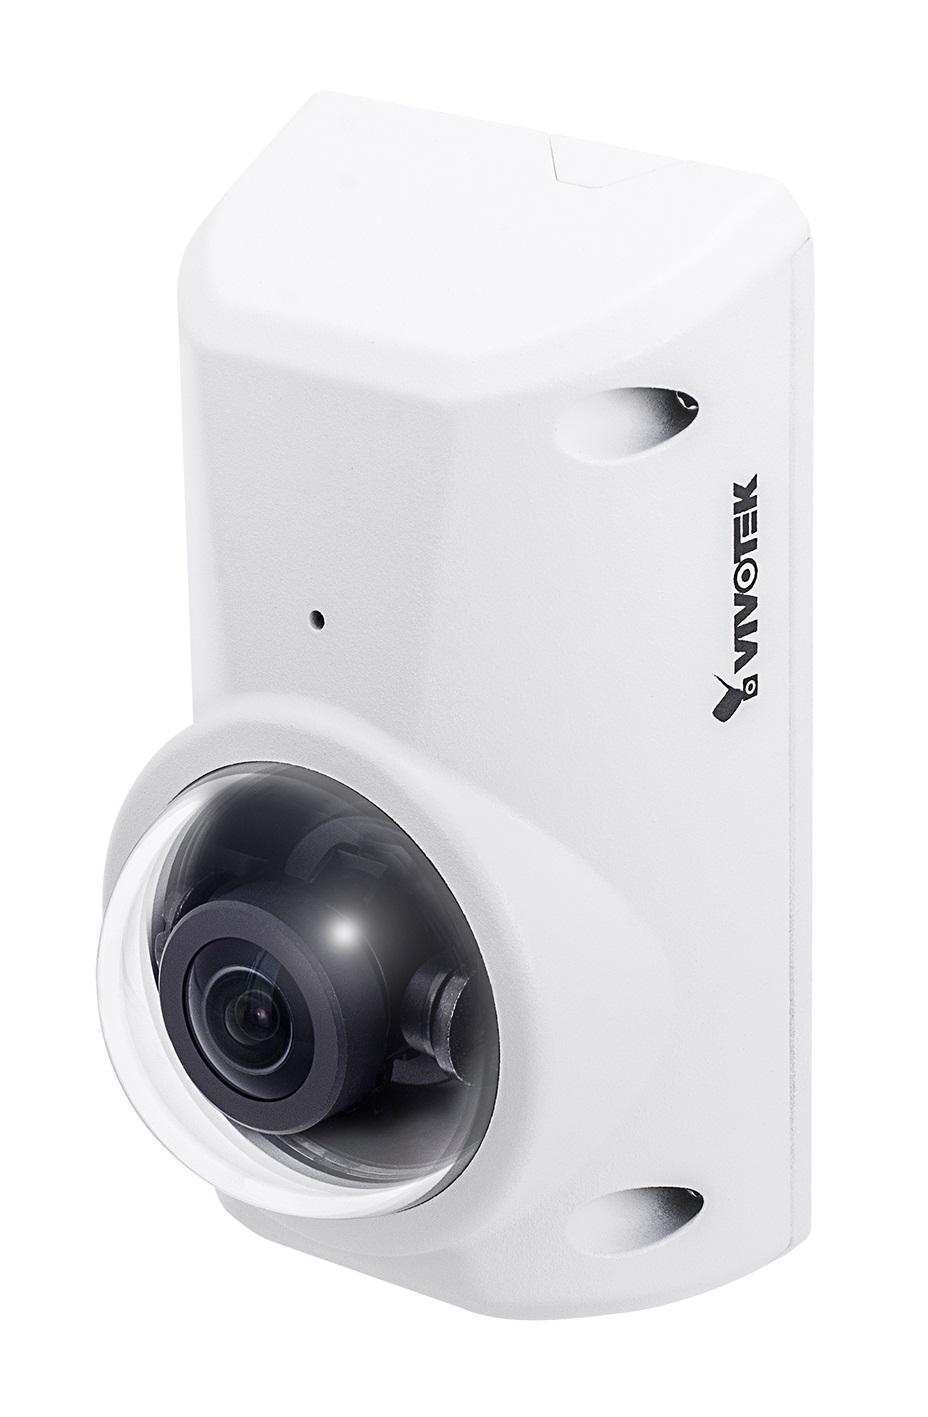 300萬畫素防抓式魚眼網路攝影機